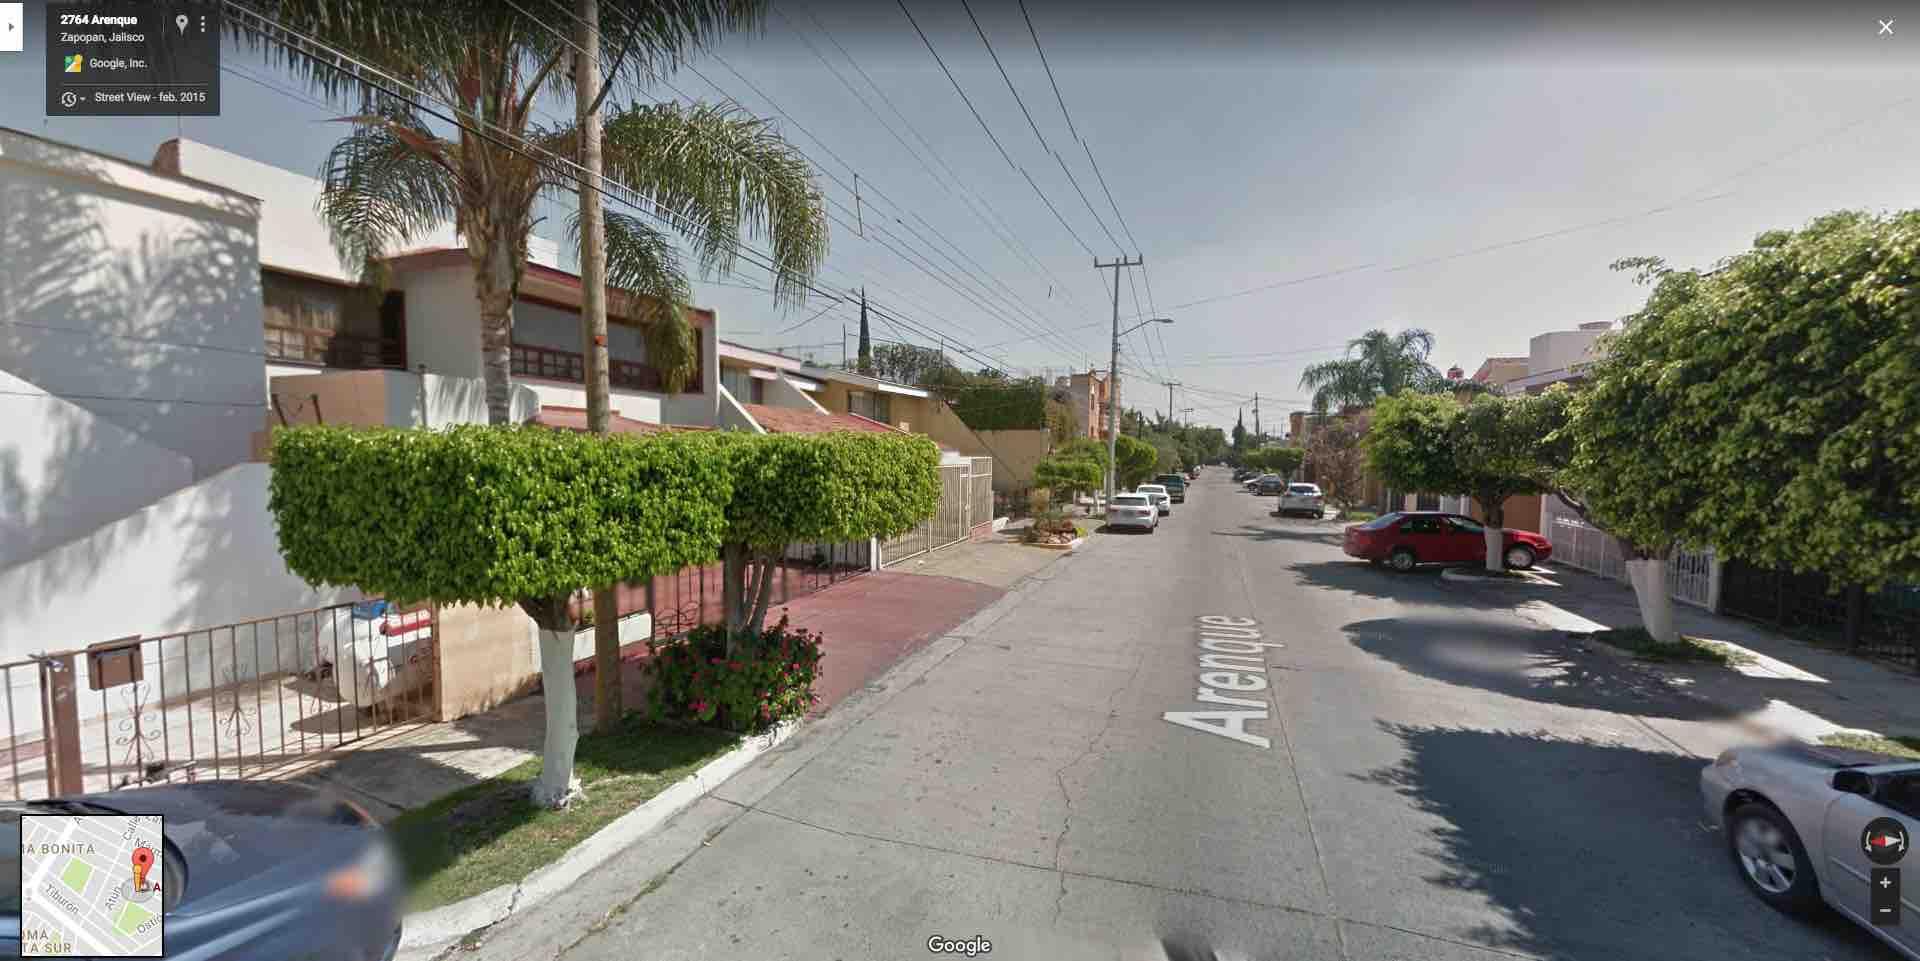 Fracc. Loma Bonita, Calle Arenque 2756, Zapopan, Jal. C.P. 45086